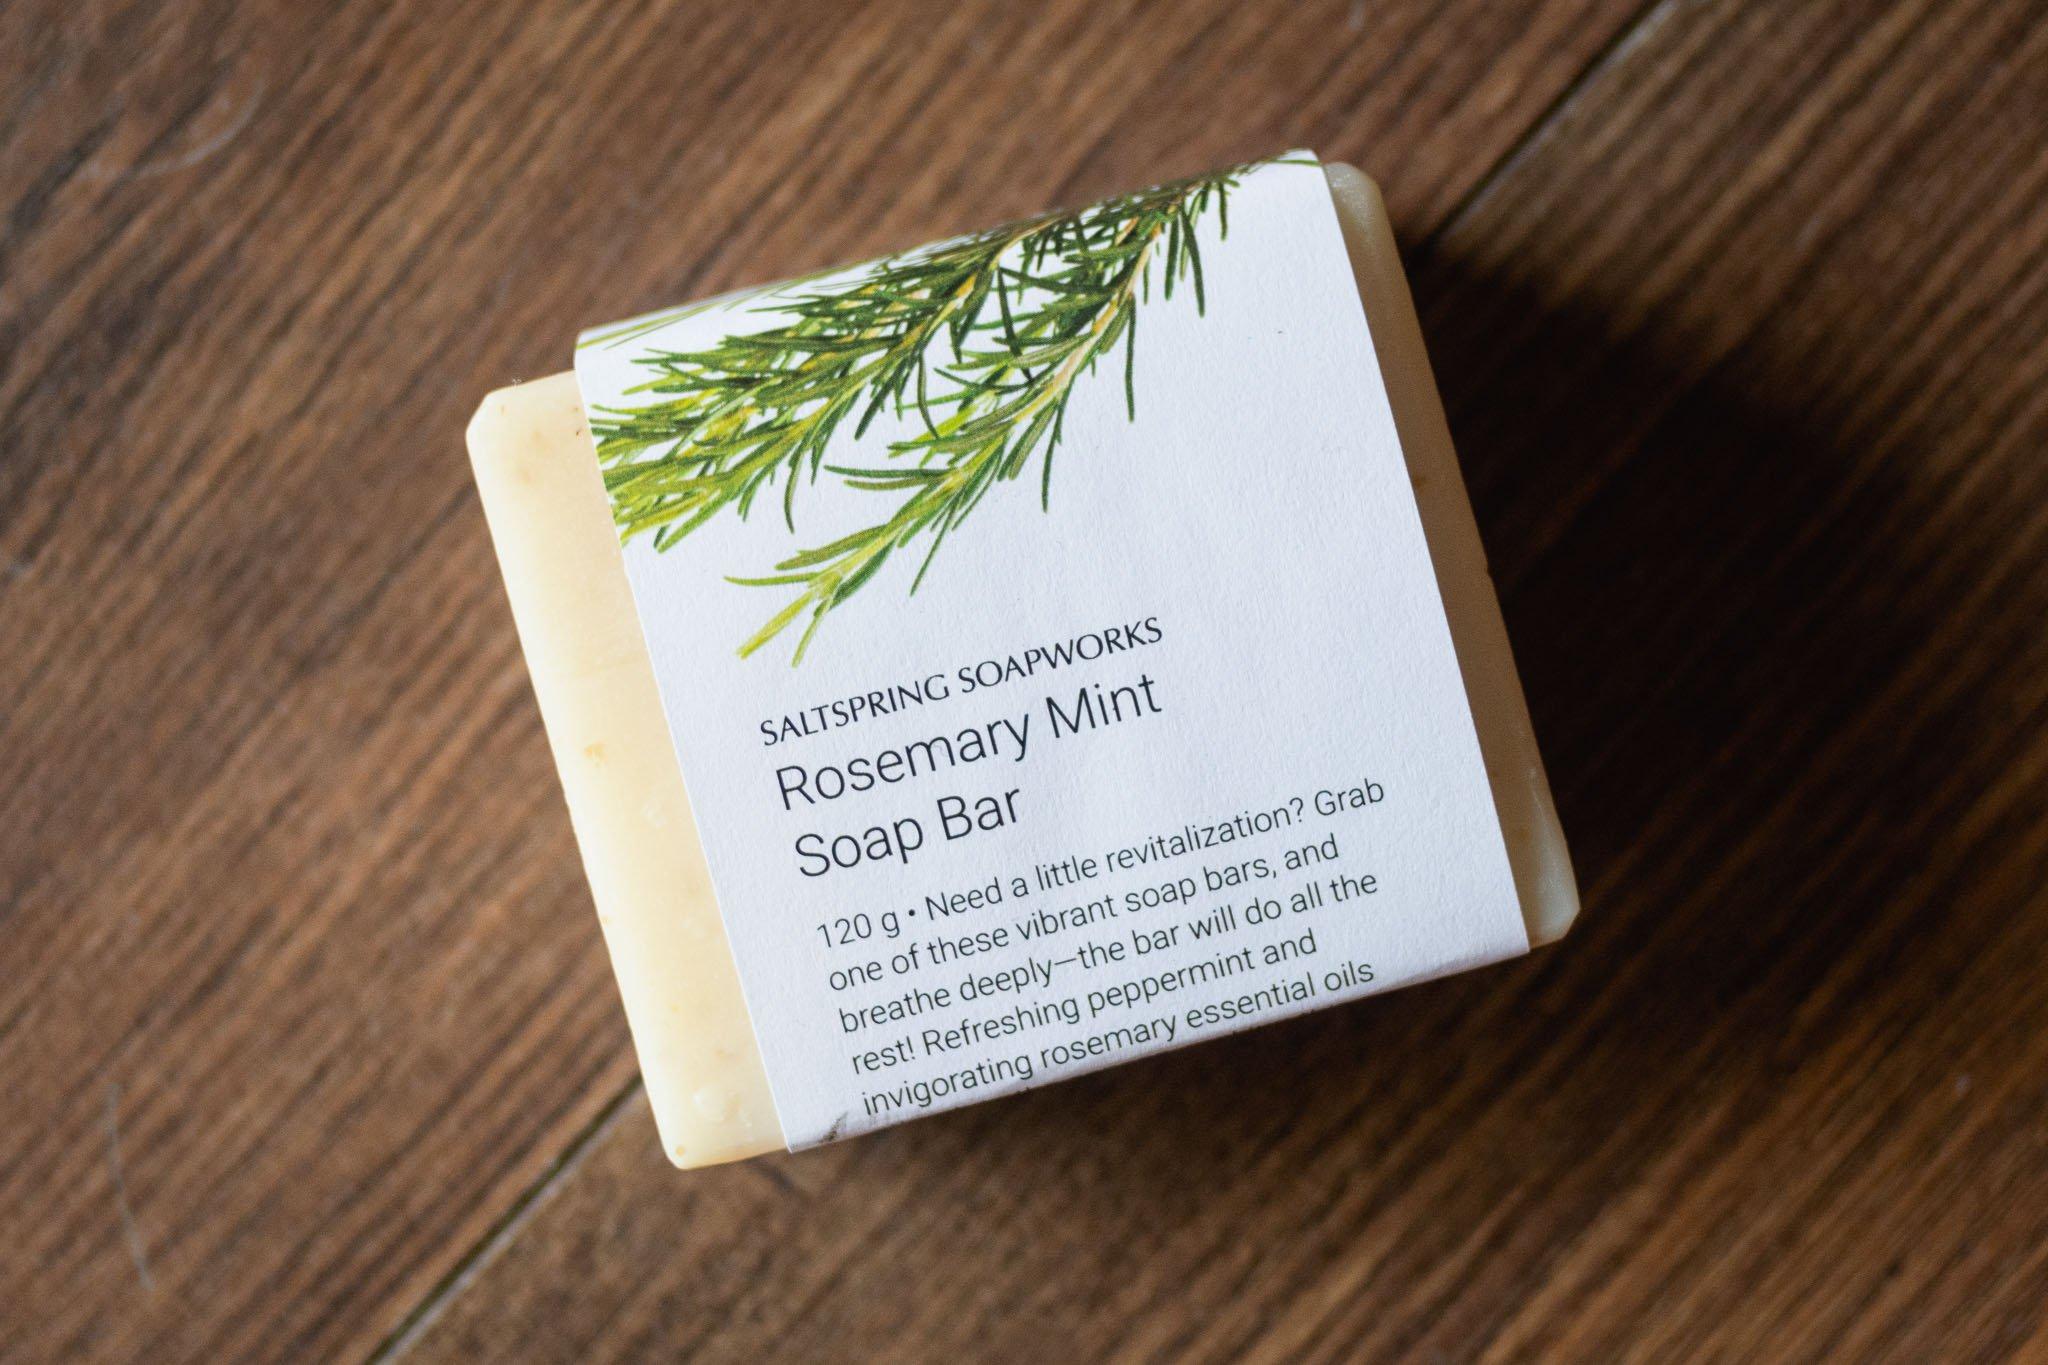 Soap Bar by Saltspring Soapworks